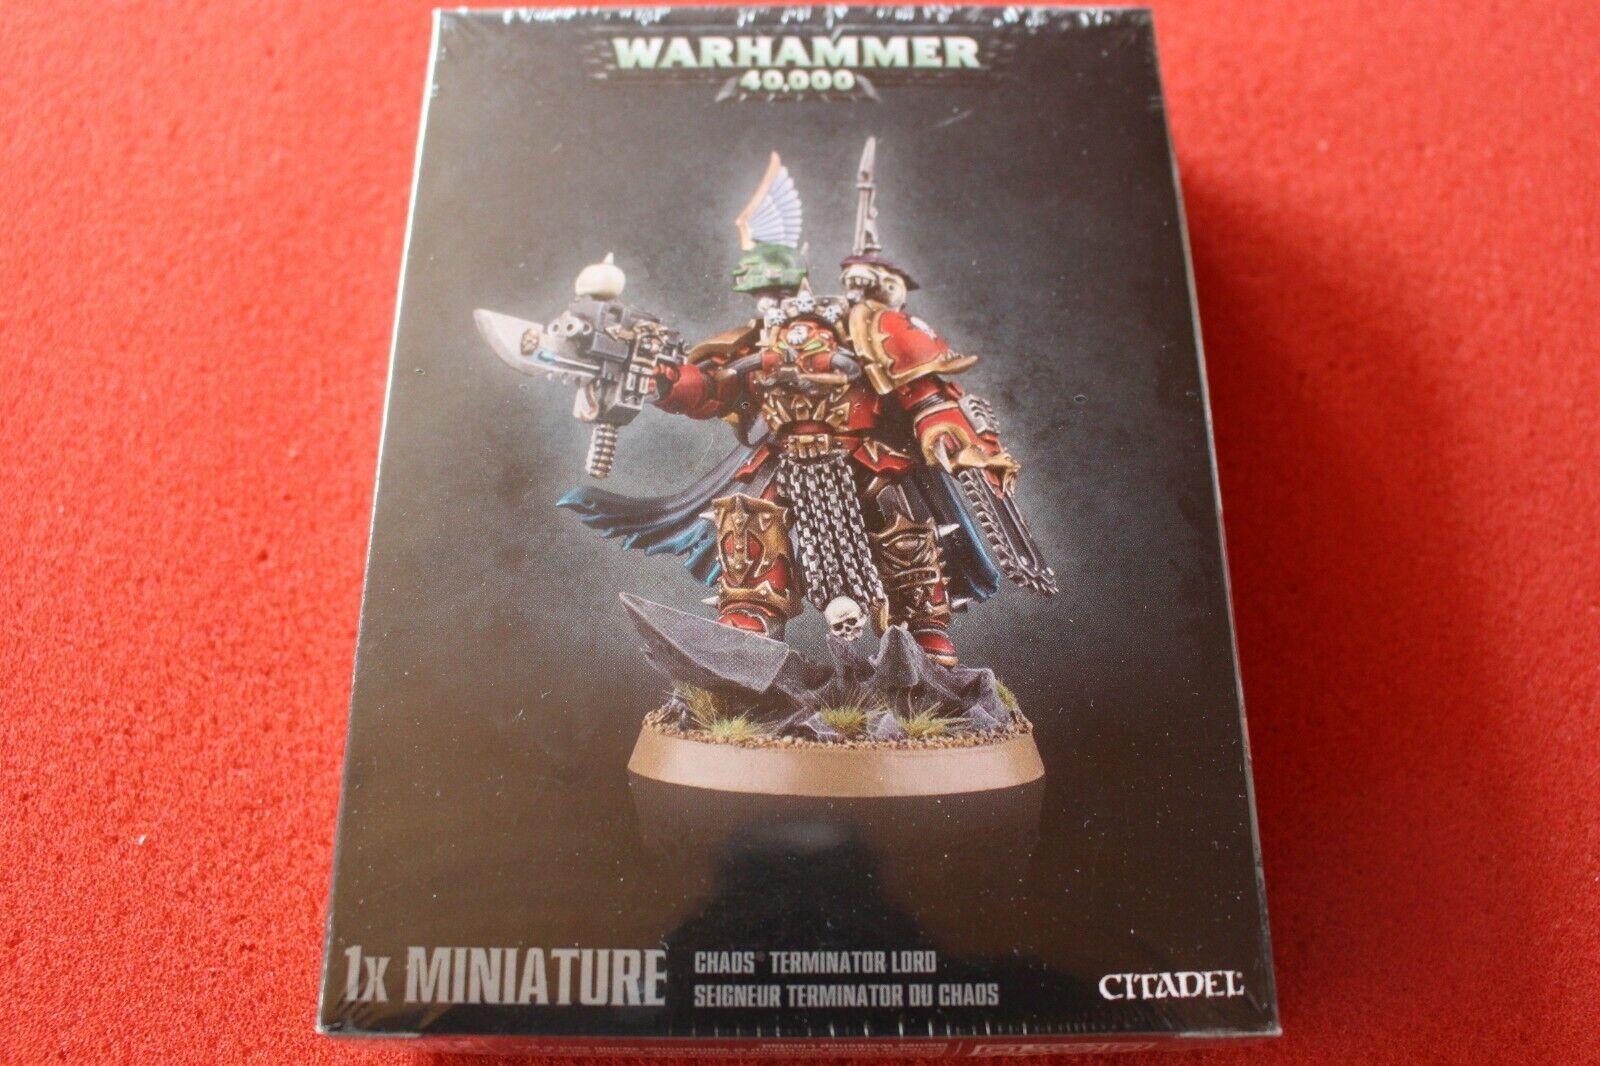 Games Workshop Warhammer 40k Chaos Space Marines Terminator Lord Sorcerer OOP